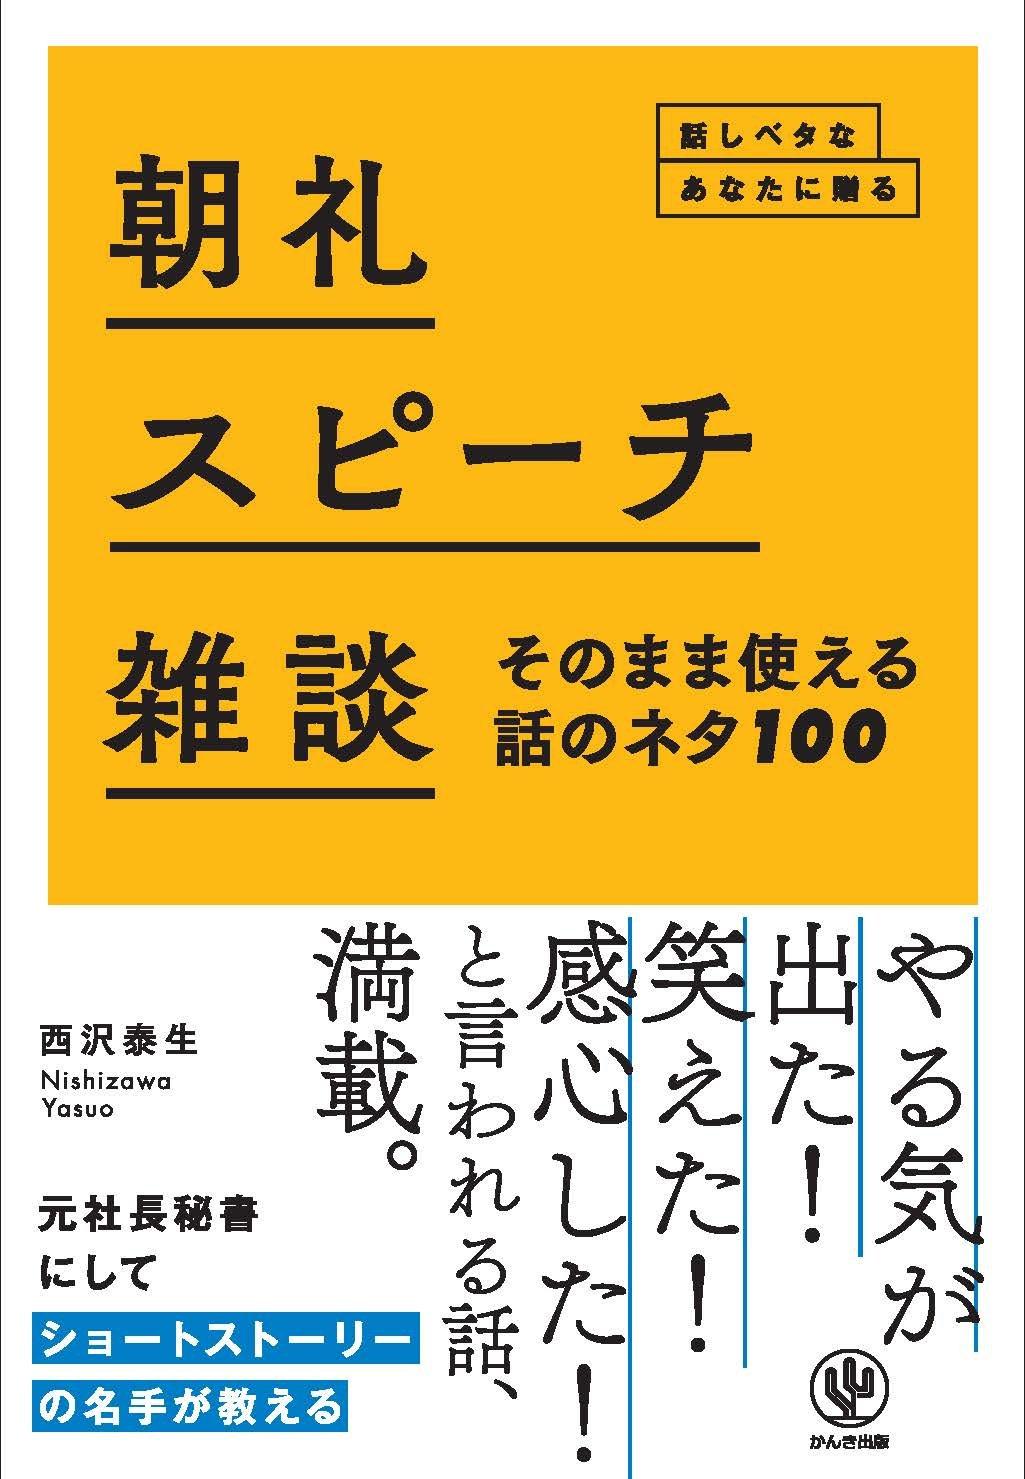 朝礼・スピーチ・雑談 そのまま使える話のネタ100 話しベタなあなたに贈る 西沢 泰生 (著)